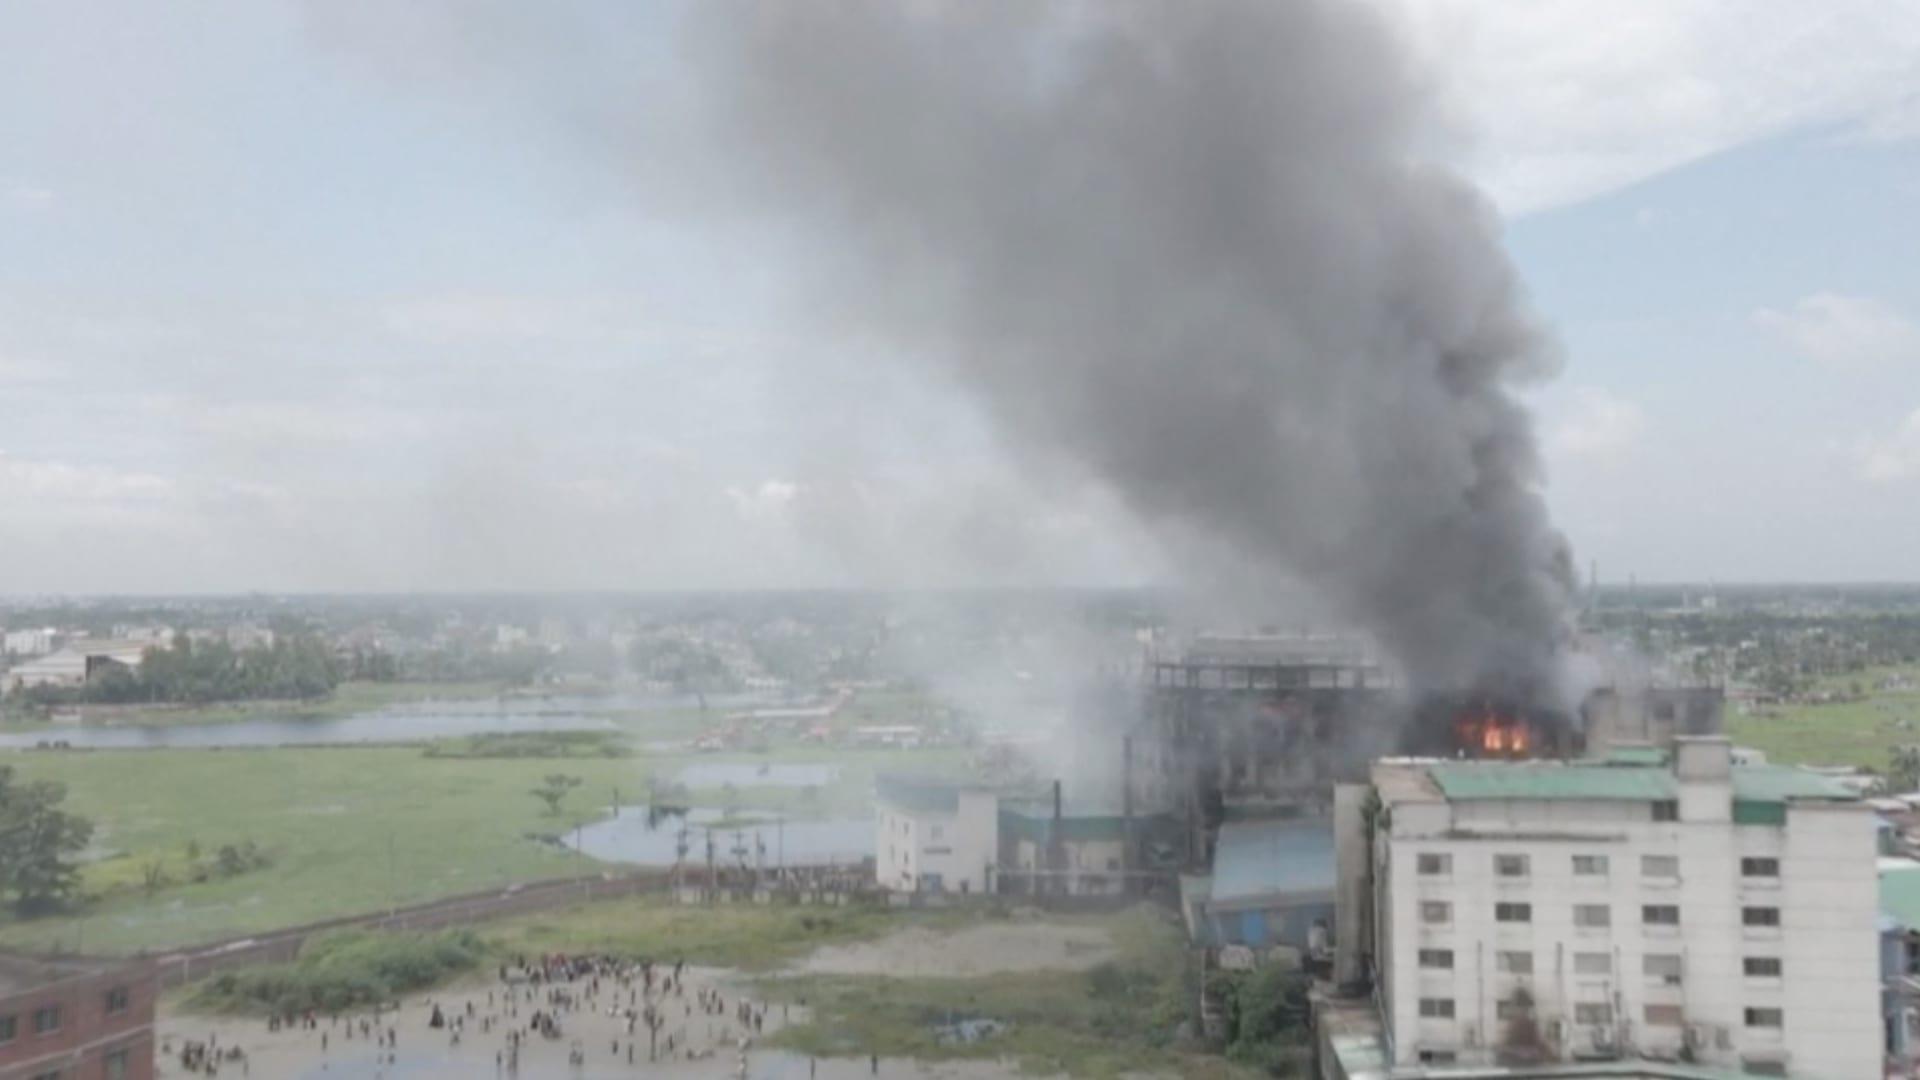 بنغلاديش حريق في مصنع عصير يودي بحياة 52 شخصًا وإنقاذ 25 آخرين